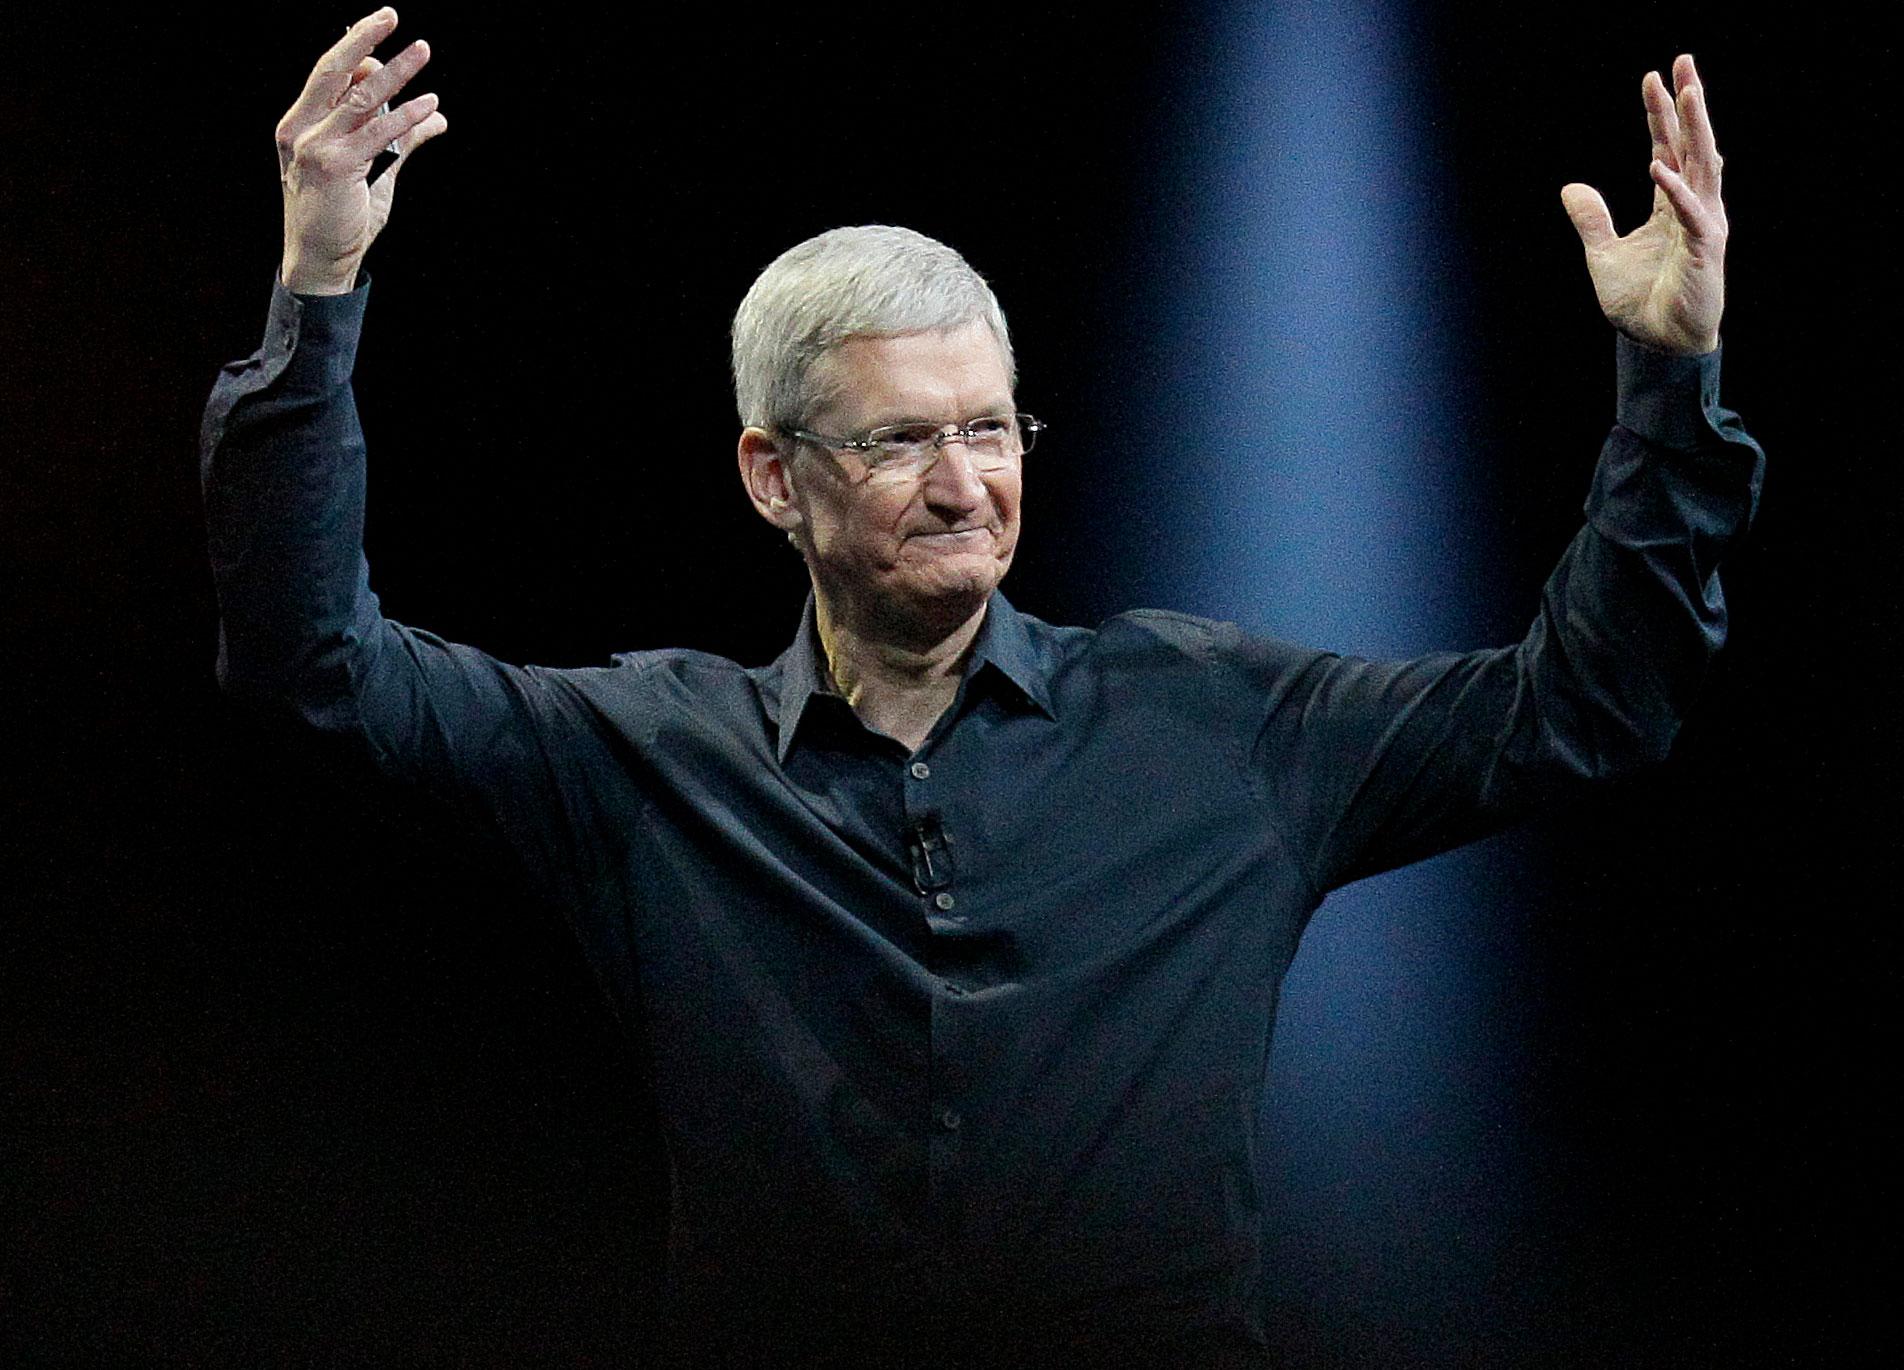 Tim Cook cumple 5 a�os en Apple como CEO, as� ha cambiado la empresa en este tiempo